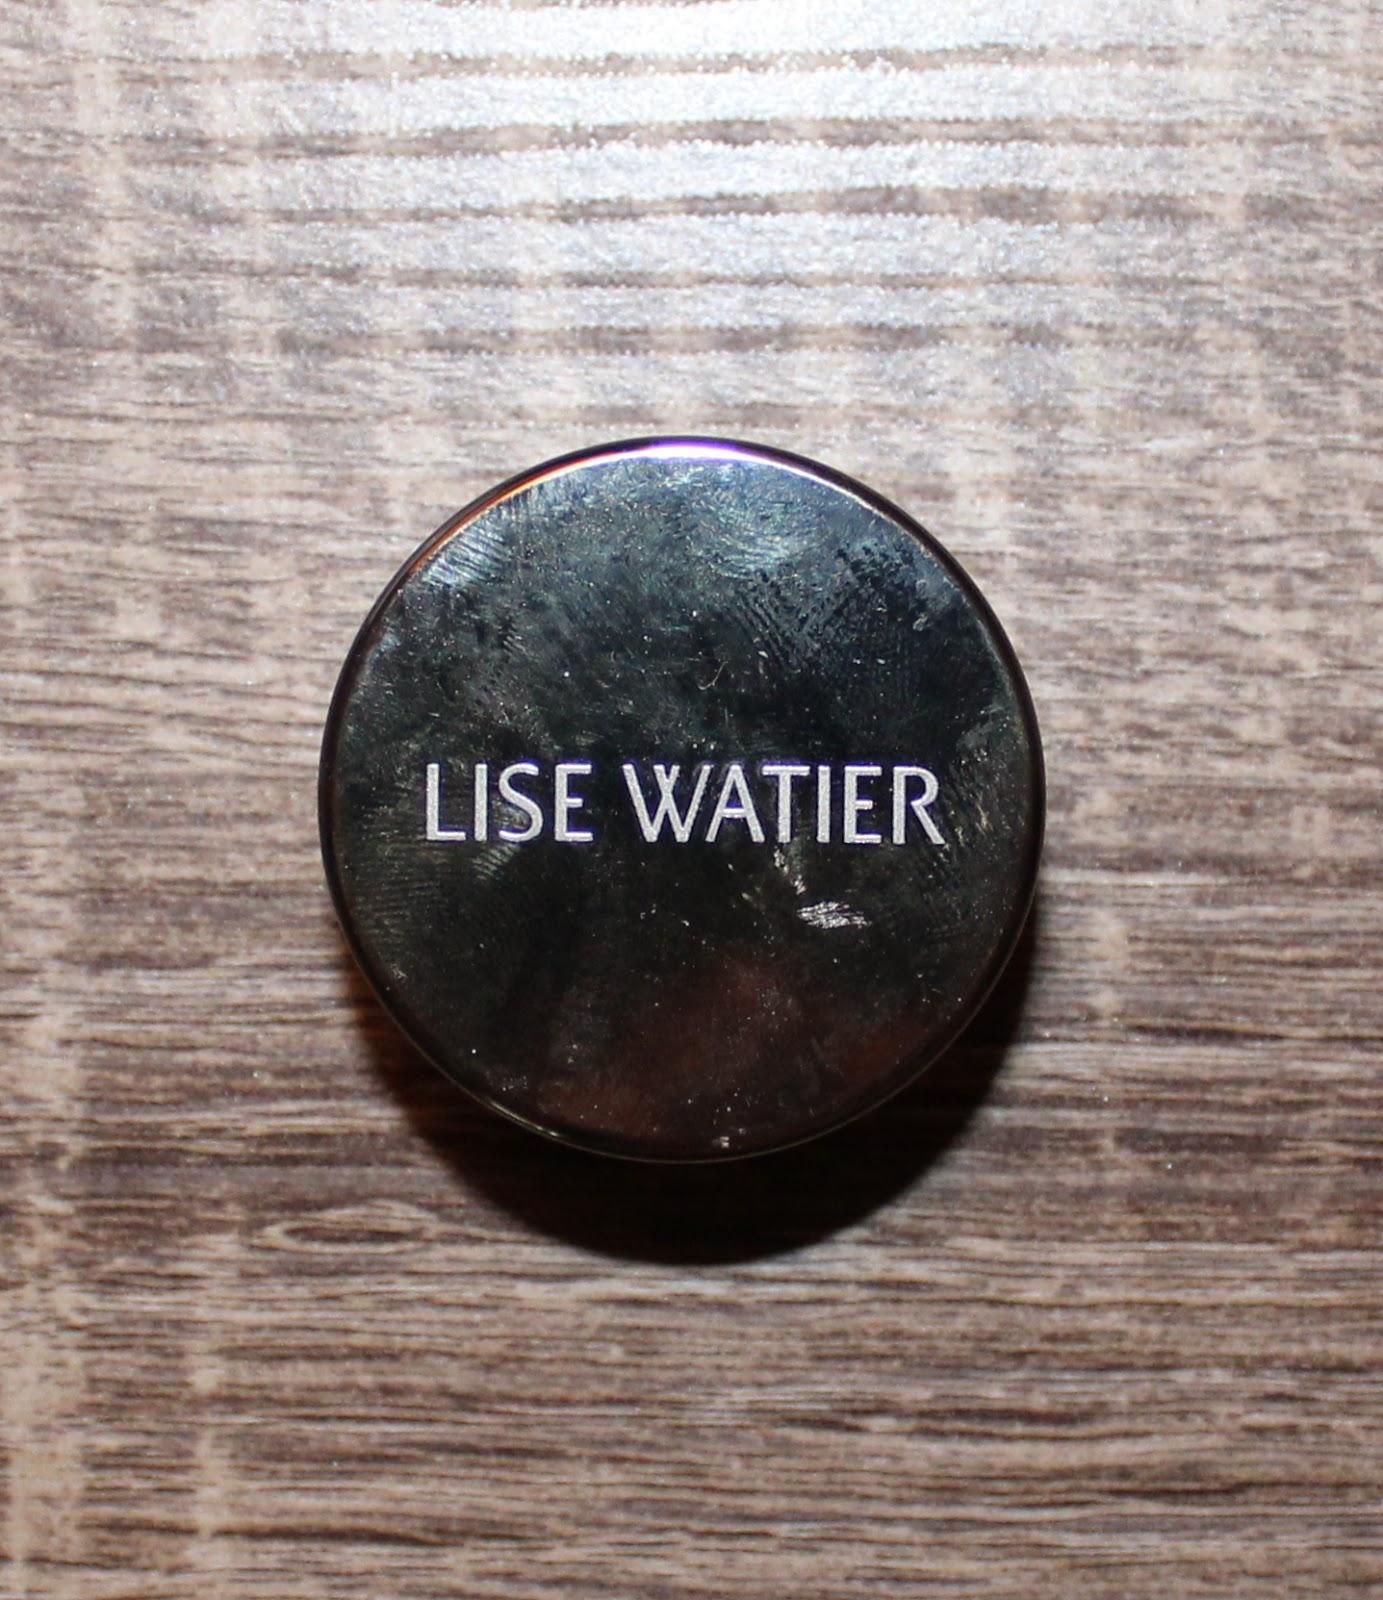 Lise Watier Blush Fondant Suprême in Pêche